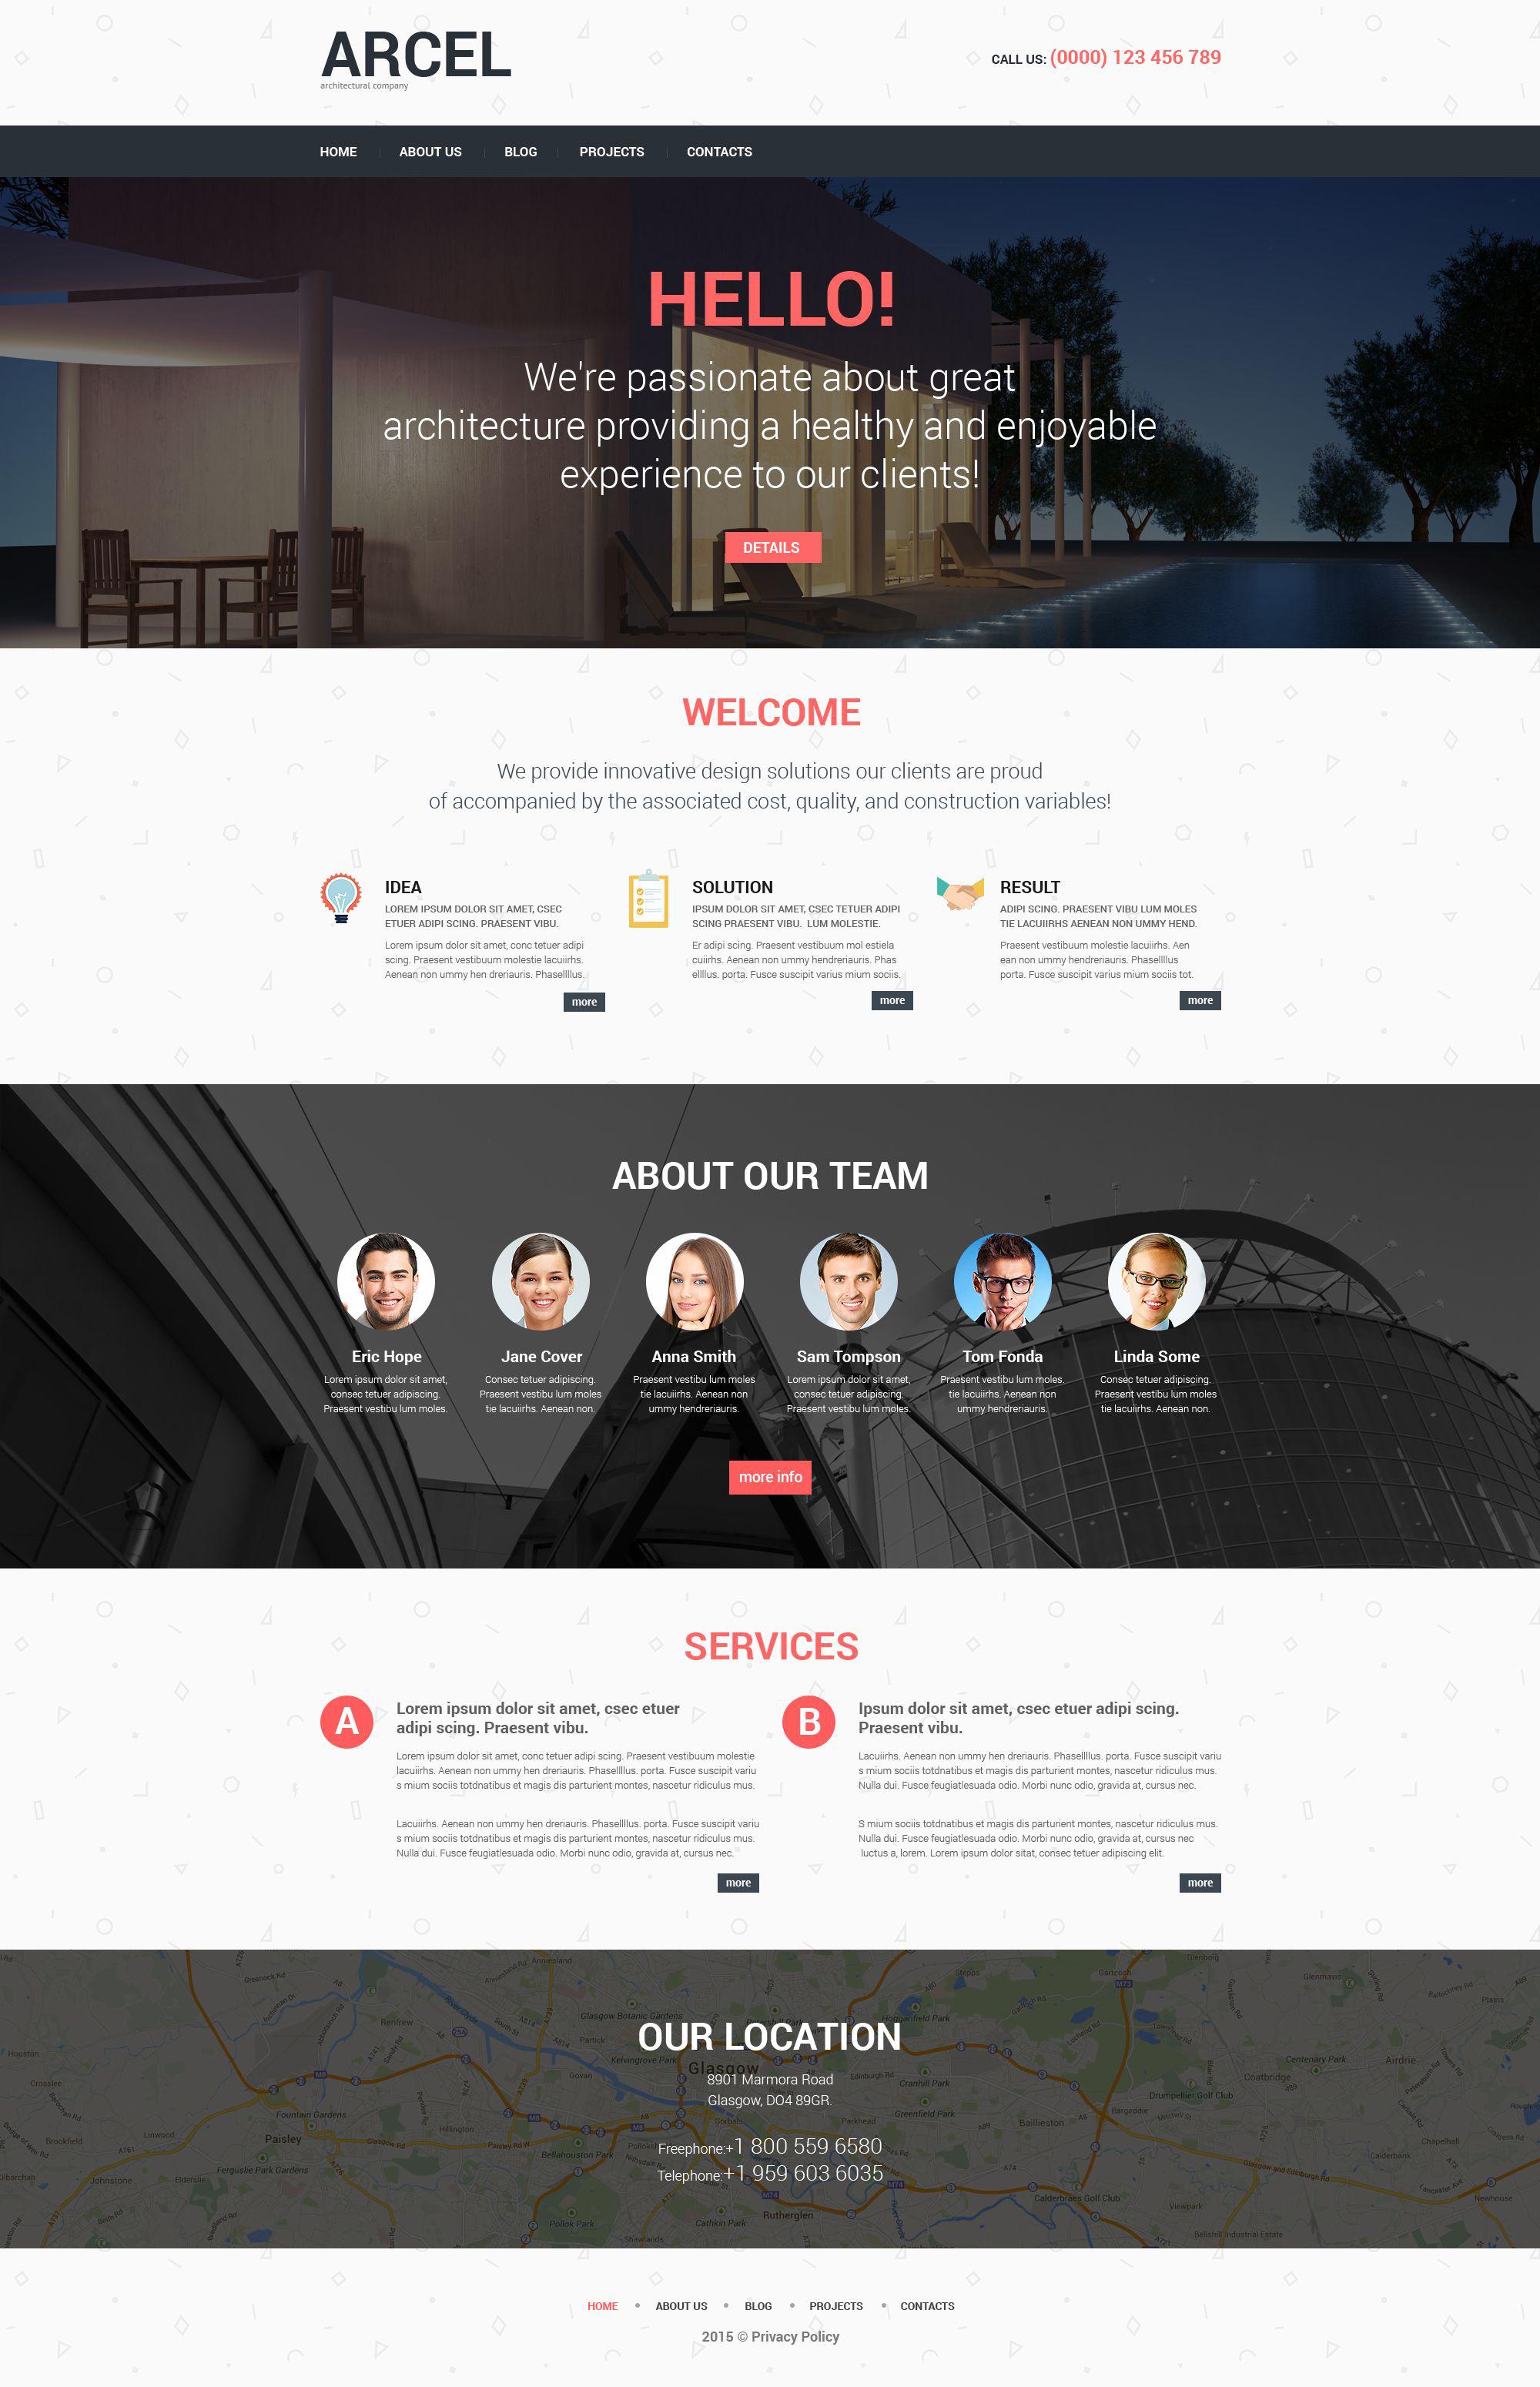 Thème WordPress adaptatif pour site d'architecture #52466 - screenshot